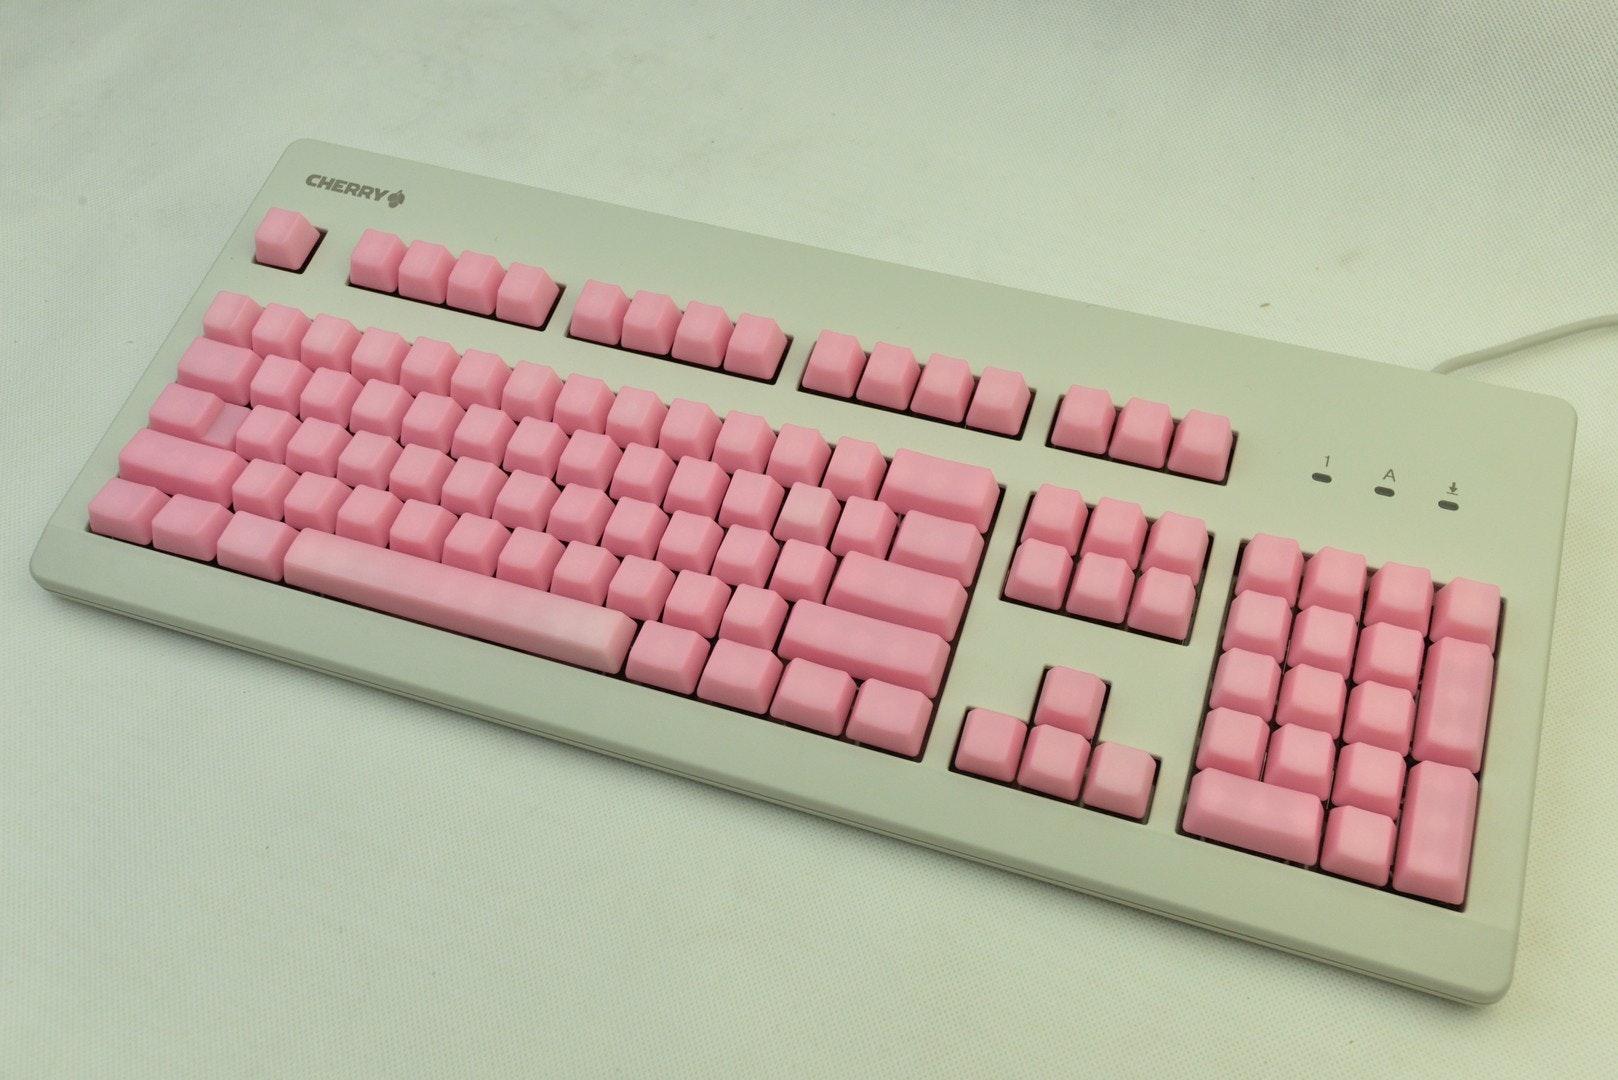 Pink Jelly POM Keycaps